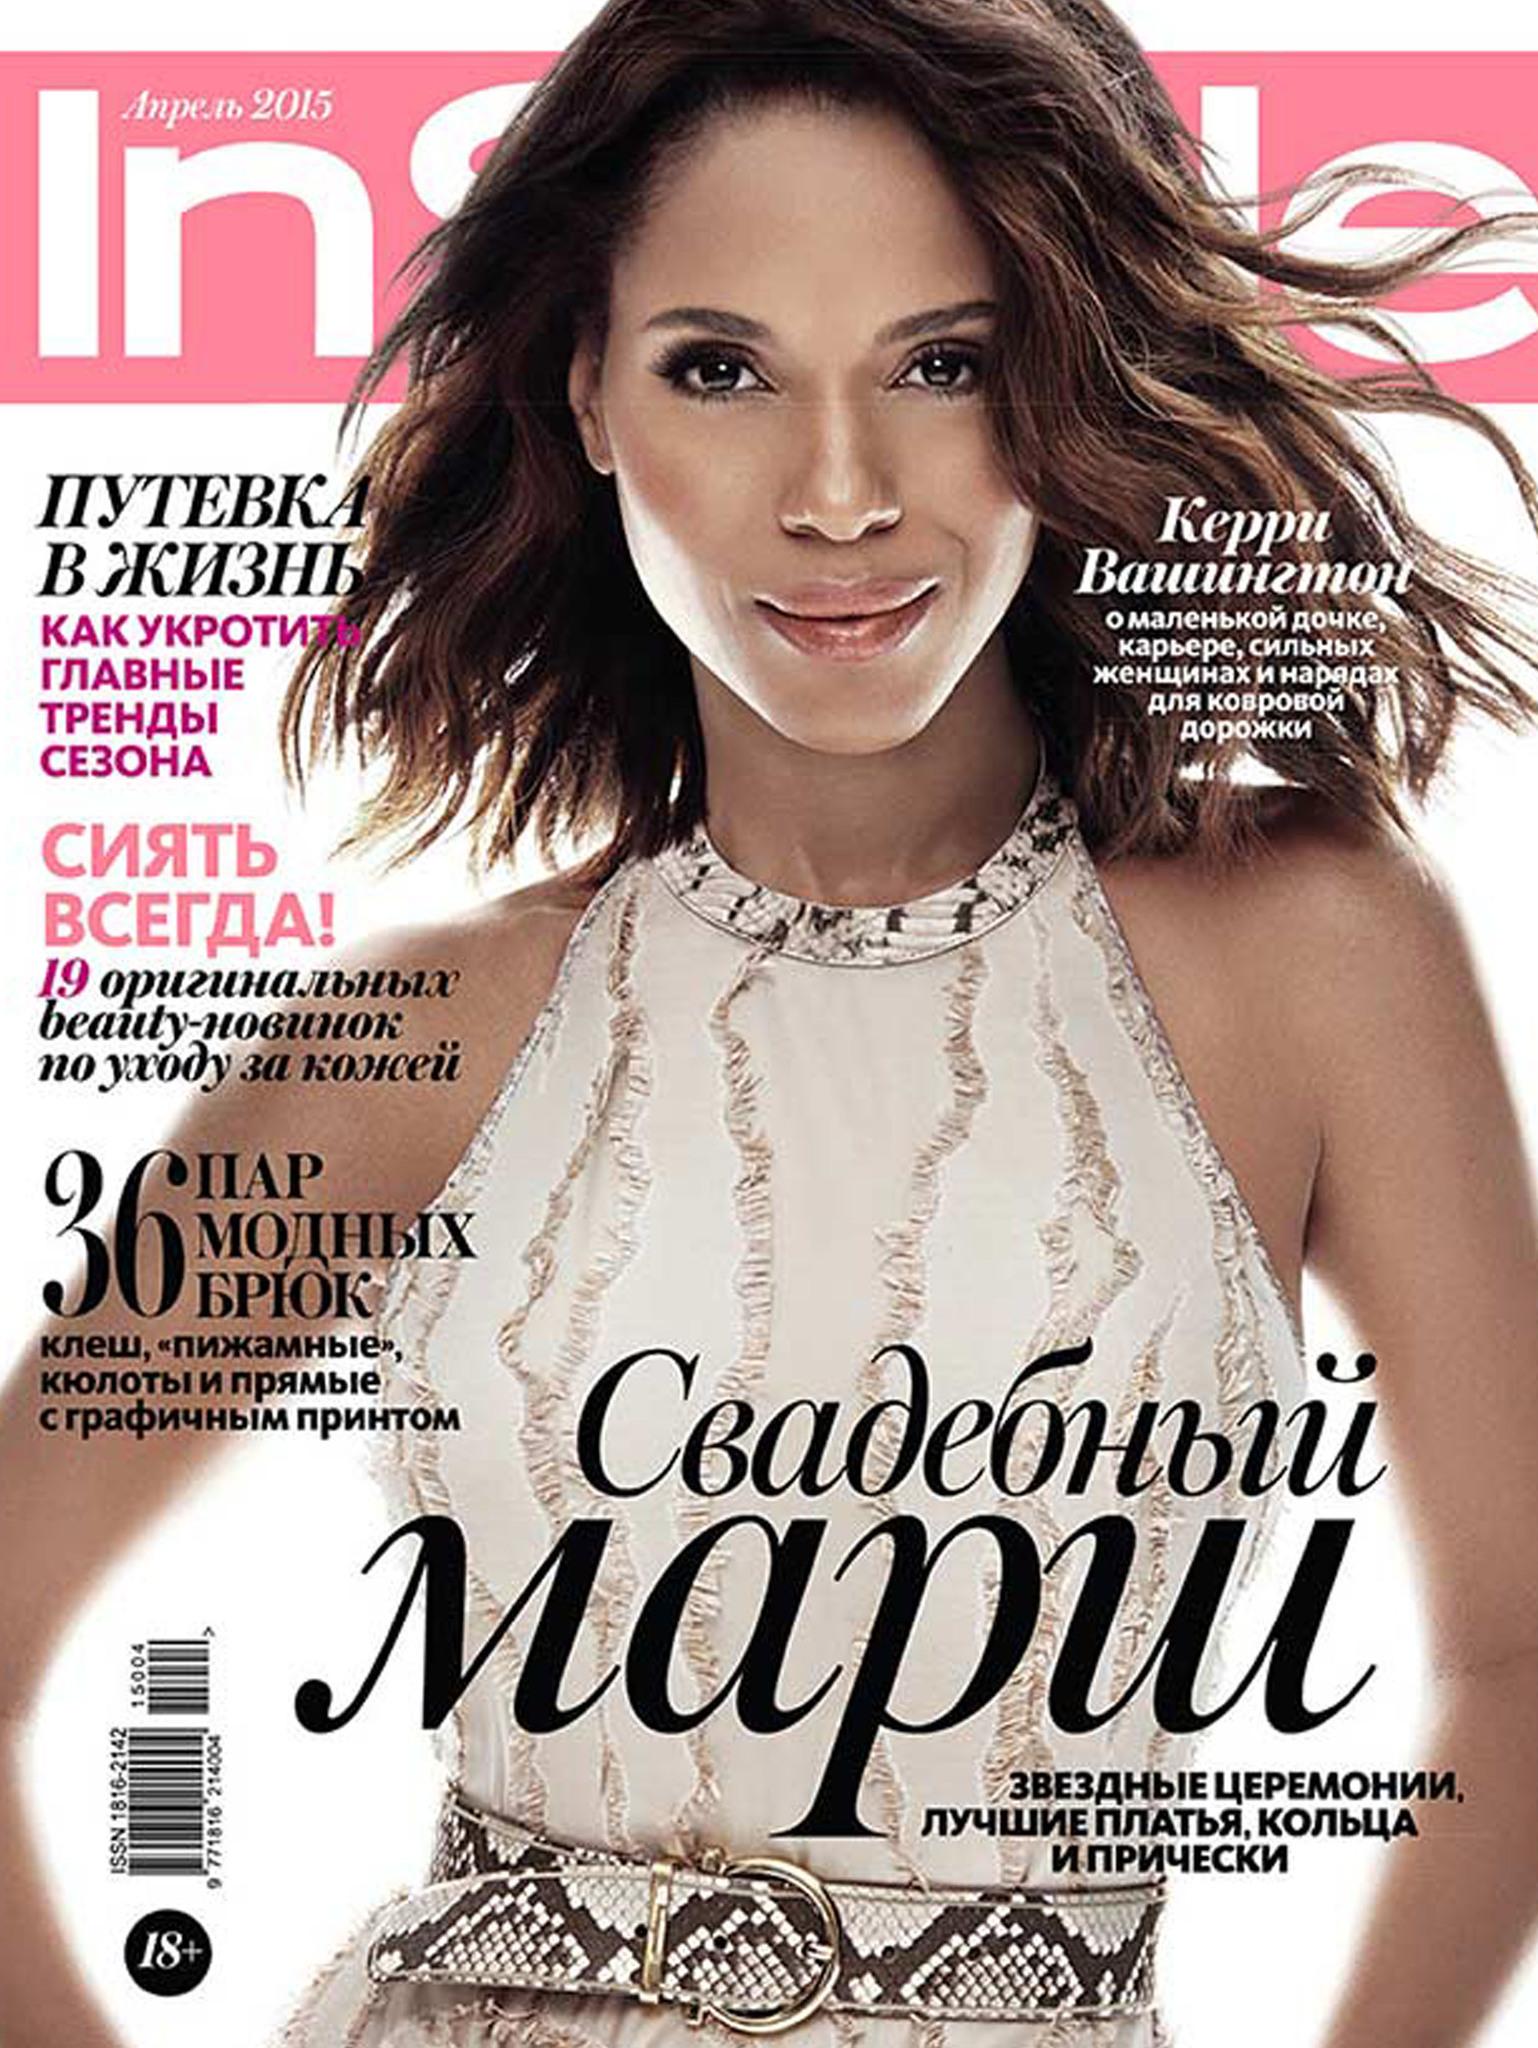 Стильные украшения от Modbrand.ru в журнале InStyle апрель 2015 г.